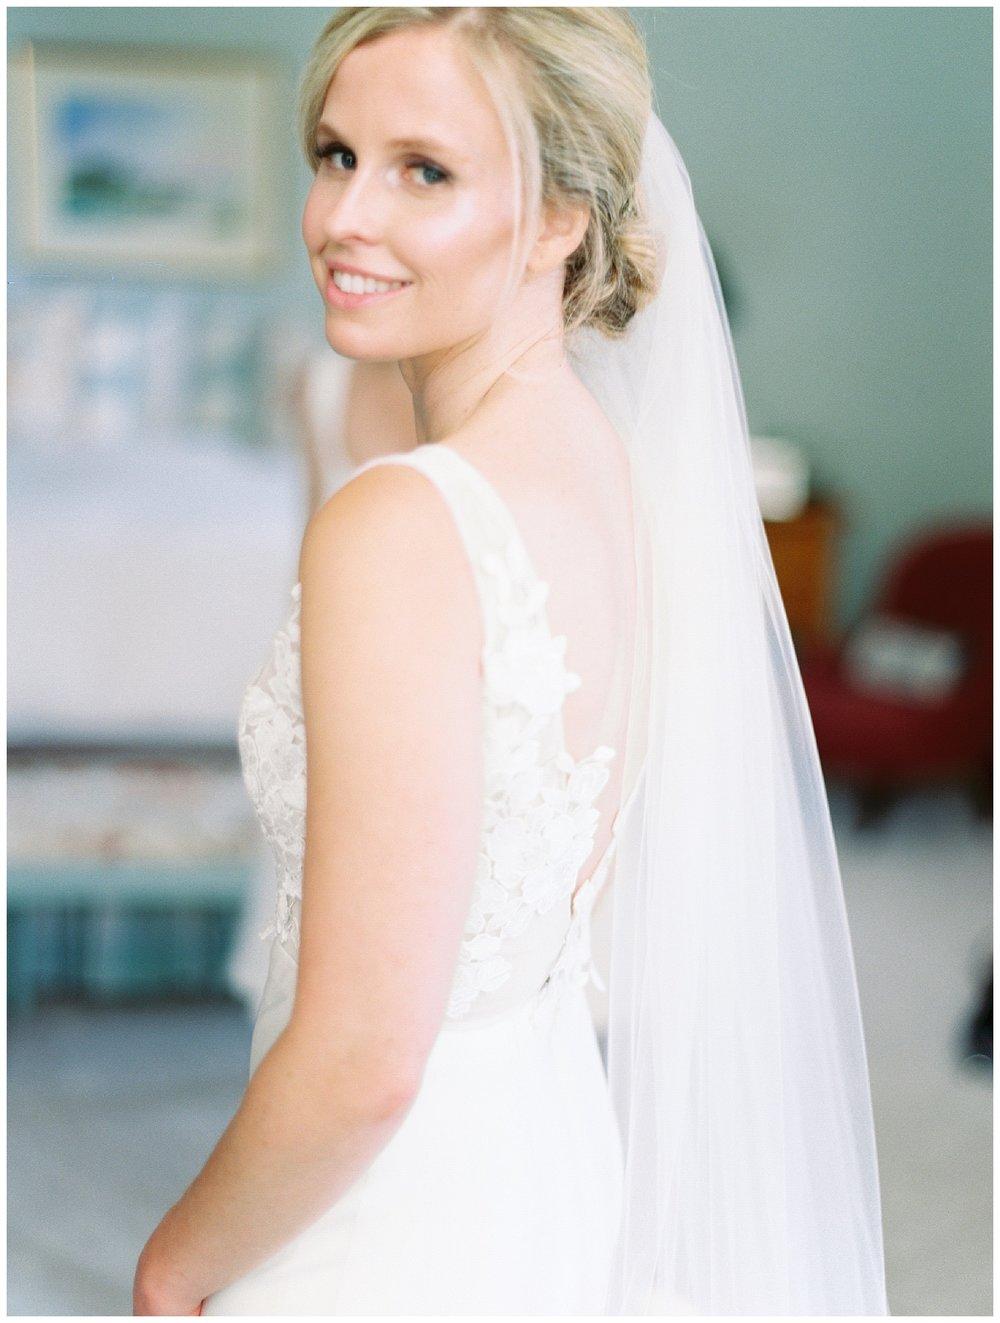 duxbury-wedding-photographer